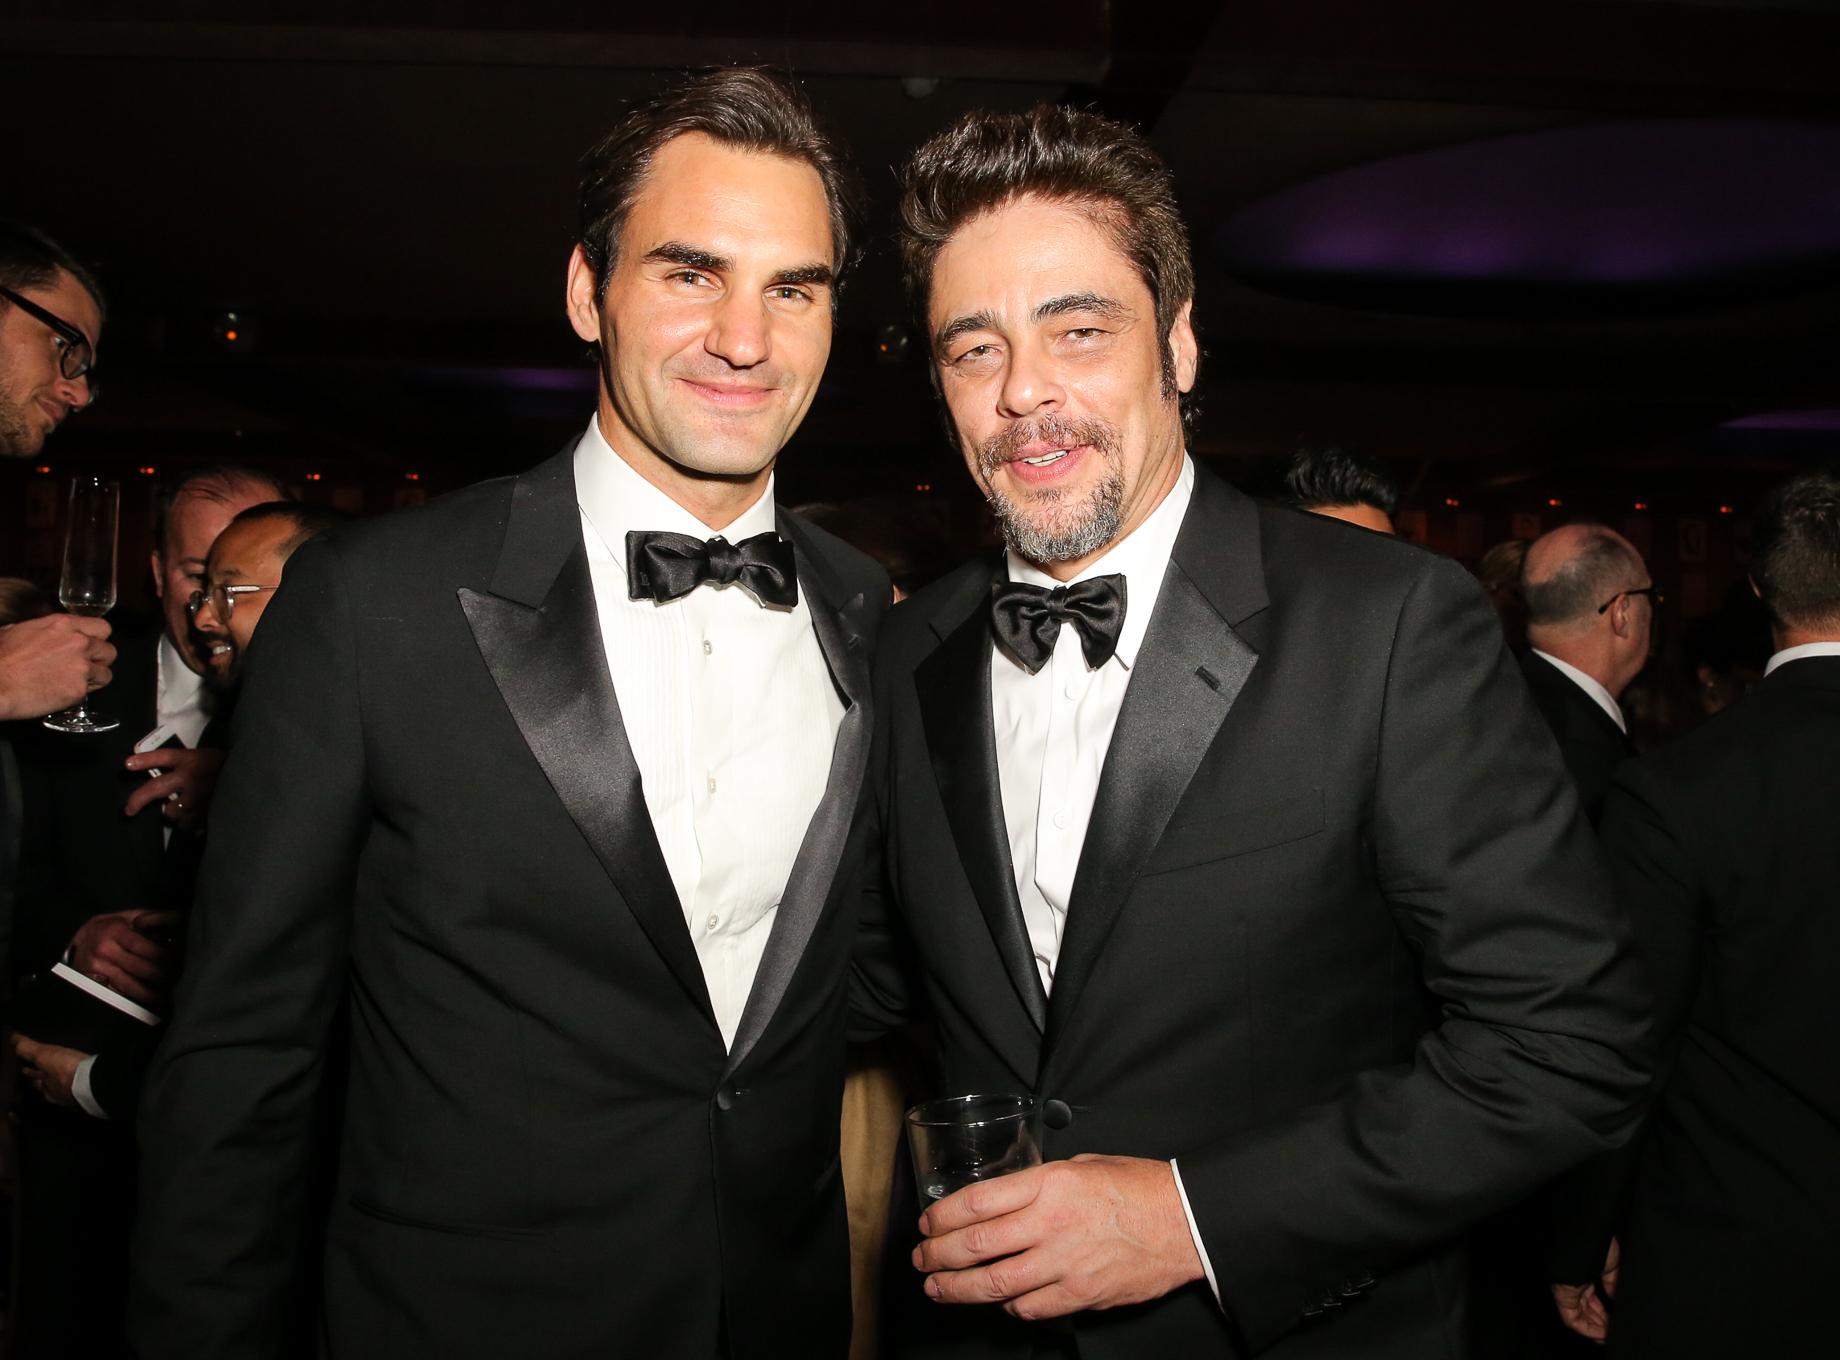 Roger Federer and Benicio del Toro